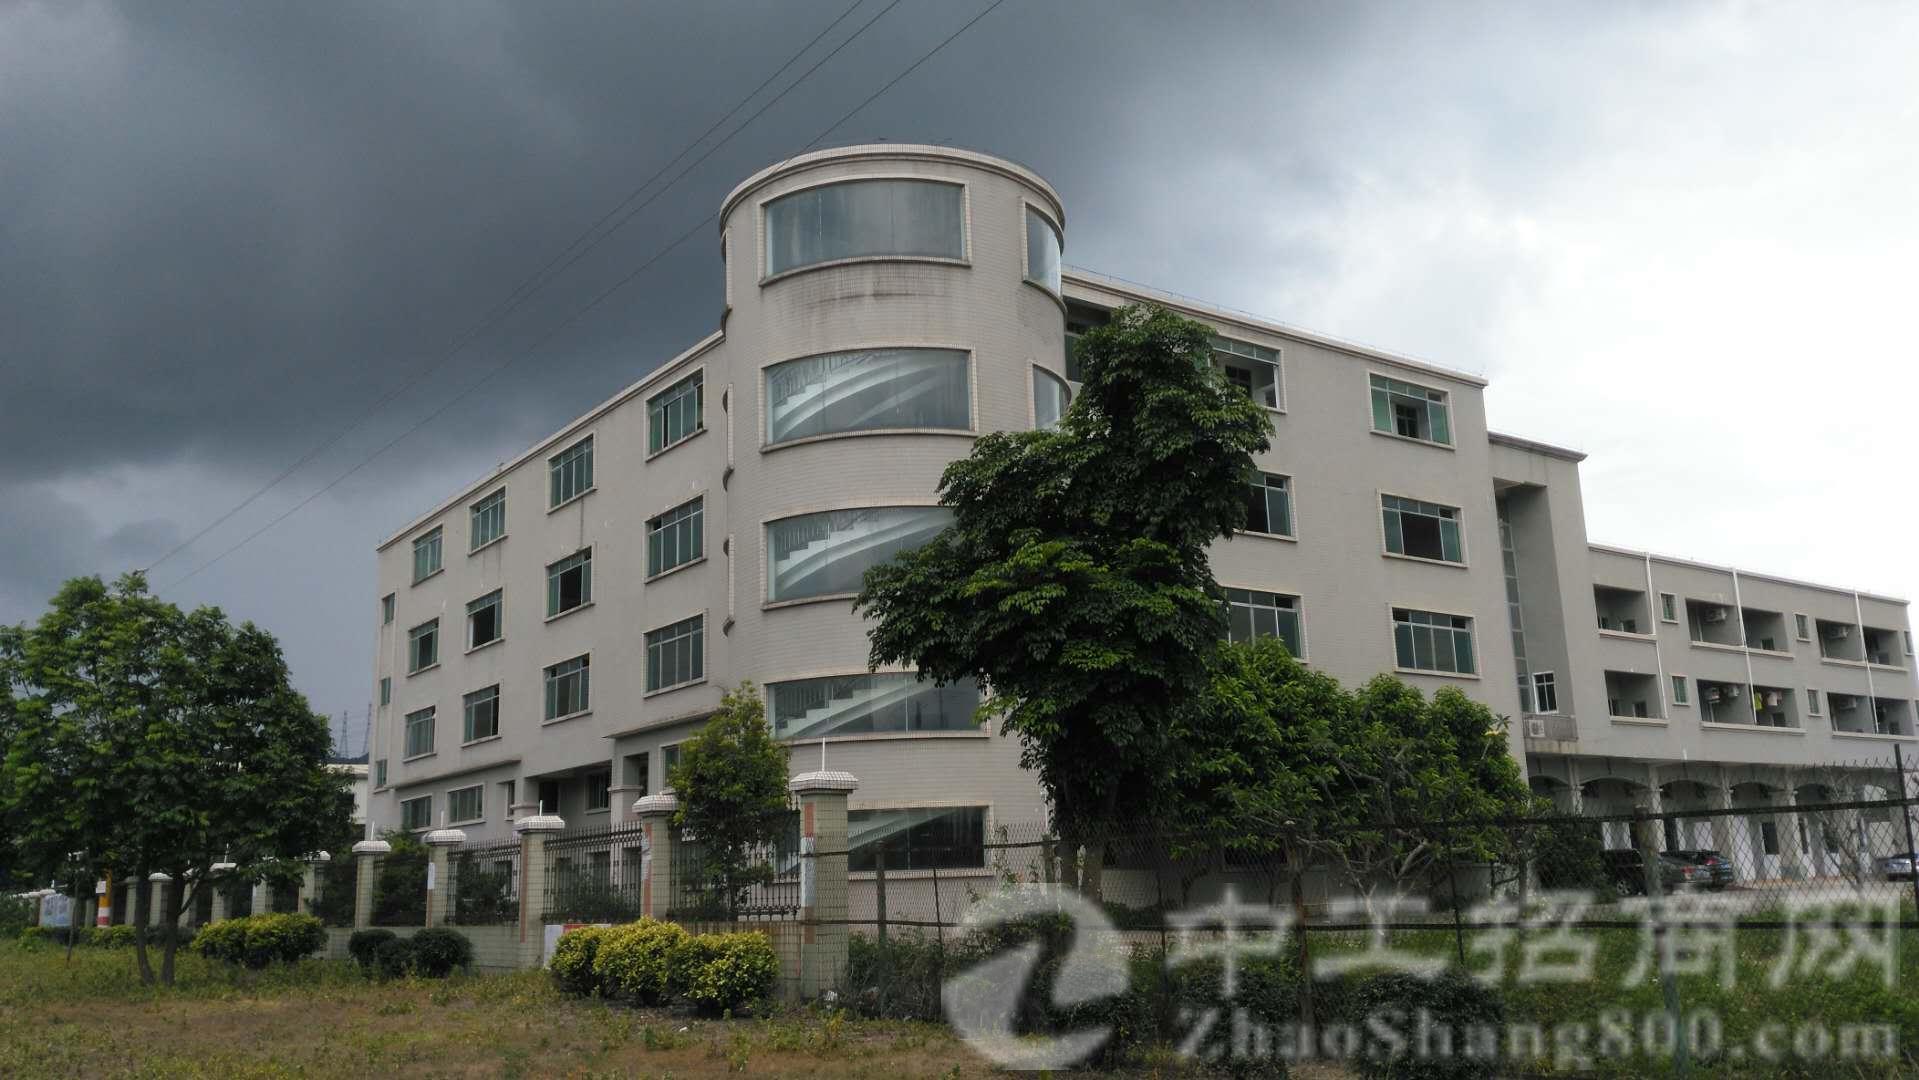 企石镇占地26亩 建筑面积20000m²村委合同厂房出售